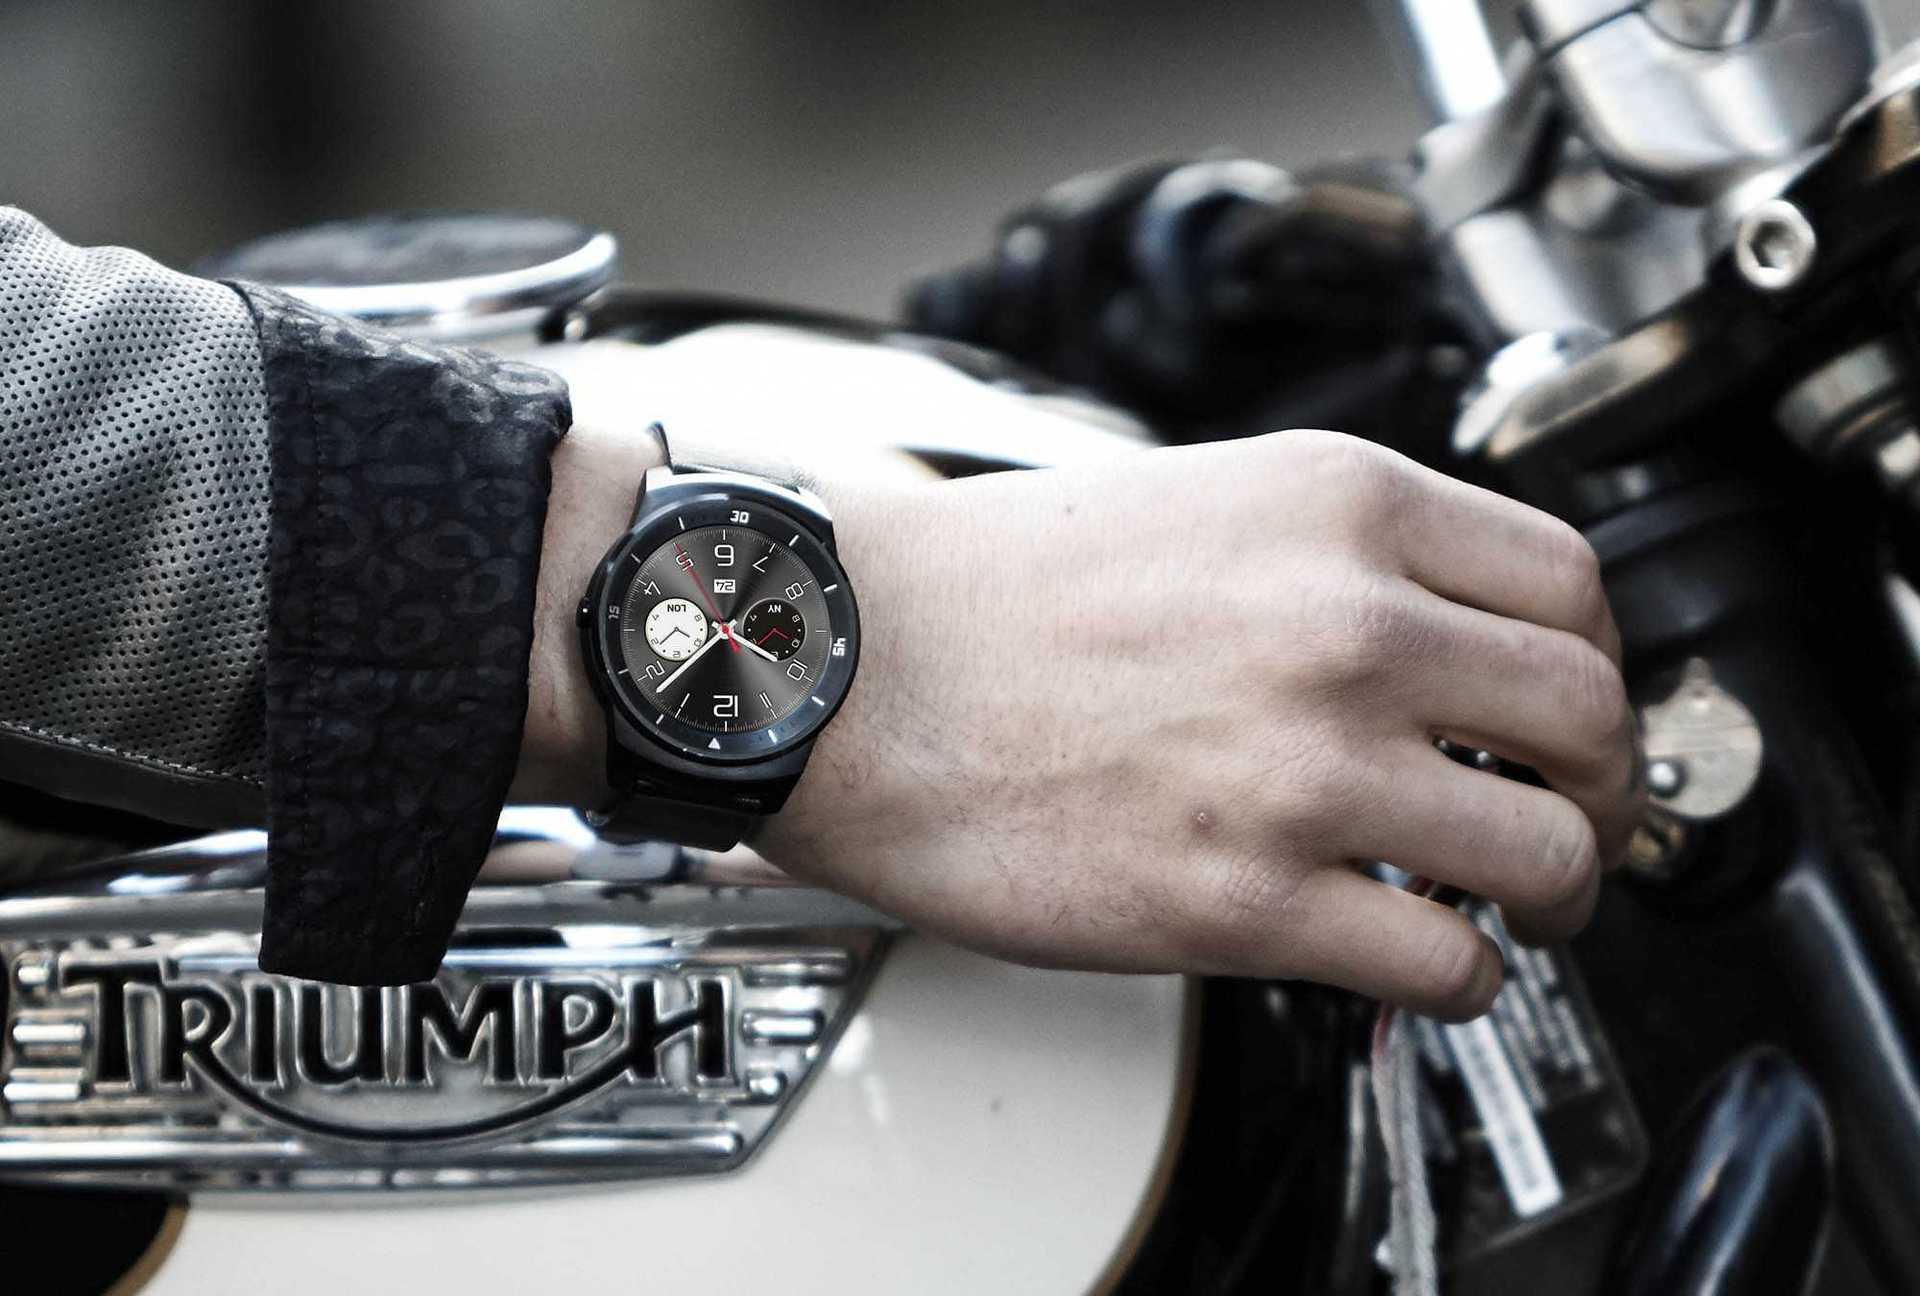  Ufficiale  LG G Watch R primo smartwatch con display circolare Android Wear al mondo!